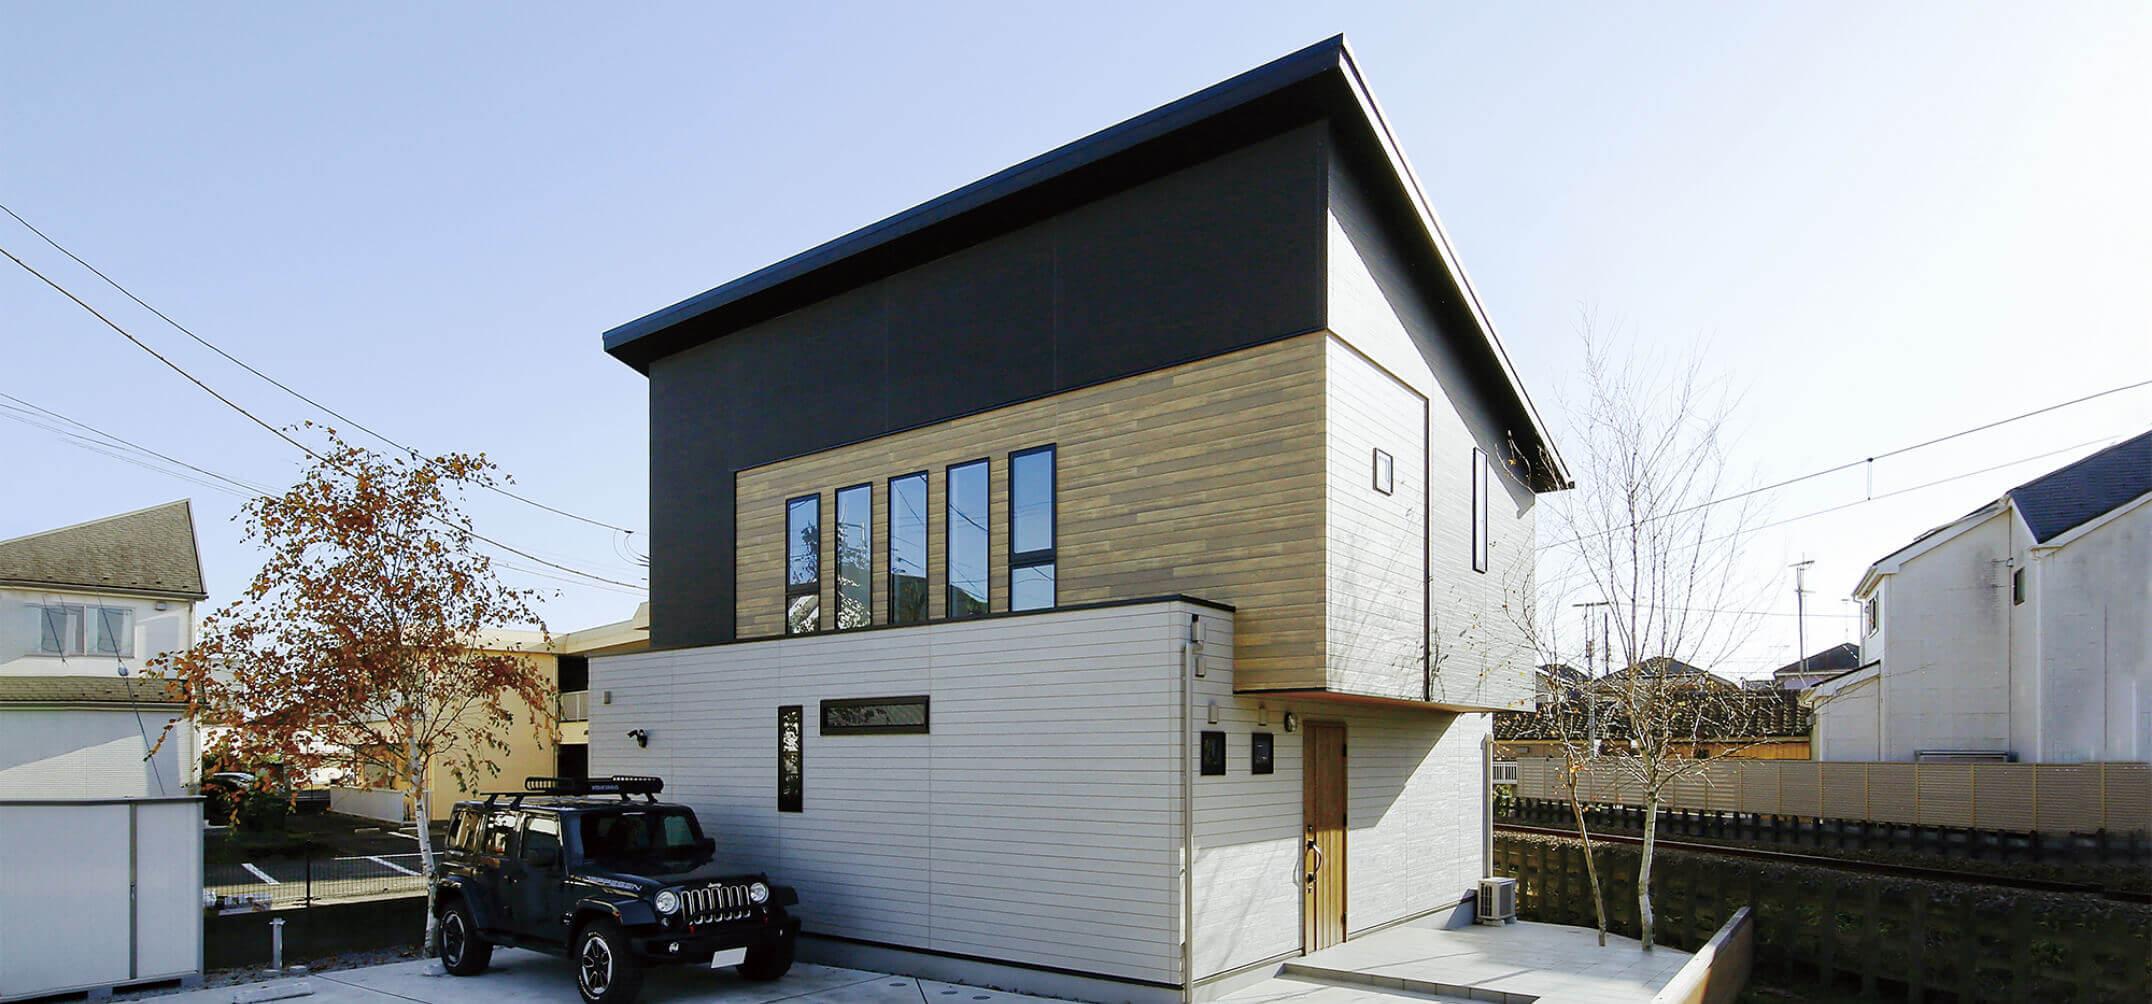 アキュラホーム東京中央で建てたスタイリッシュな家の外観